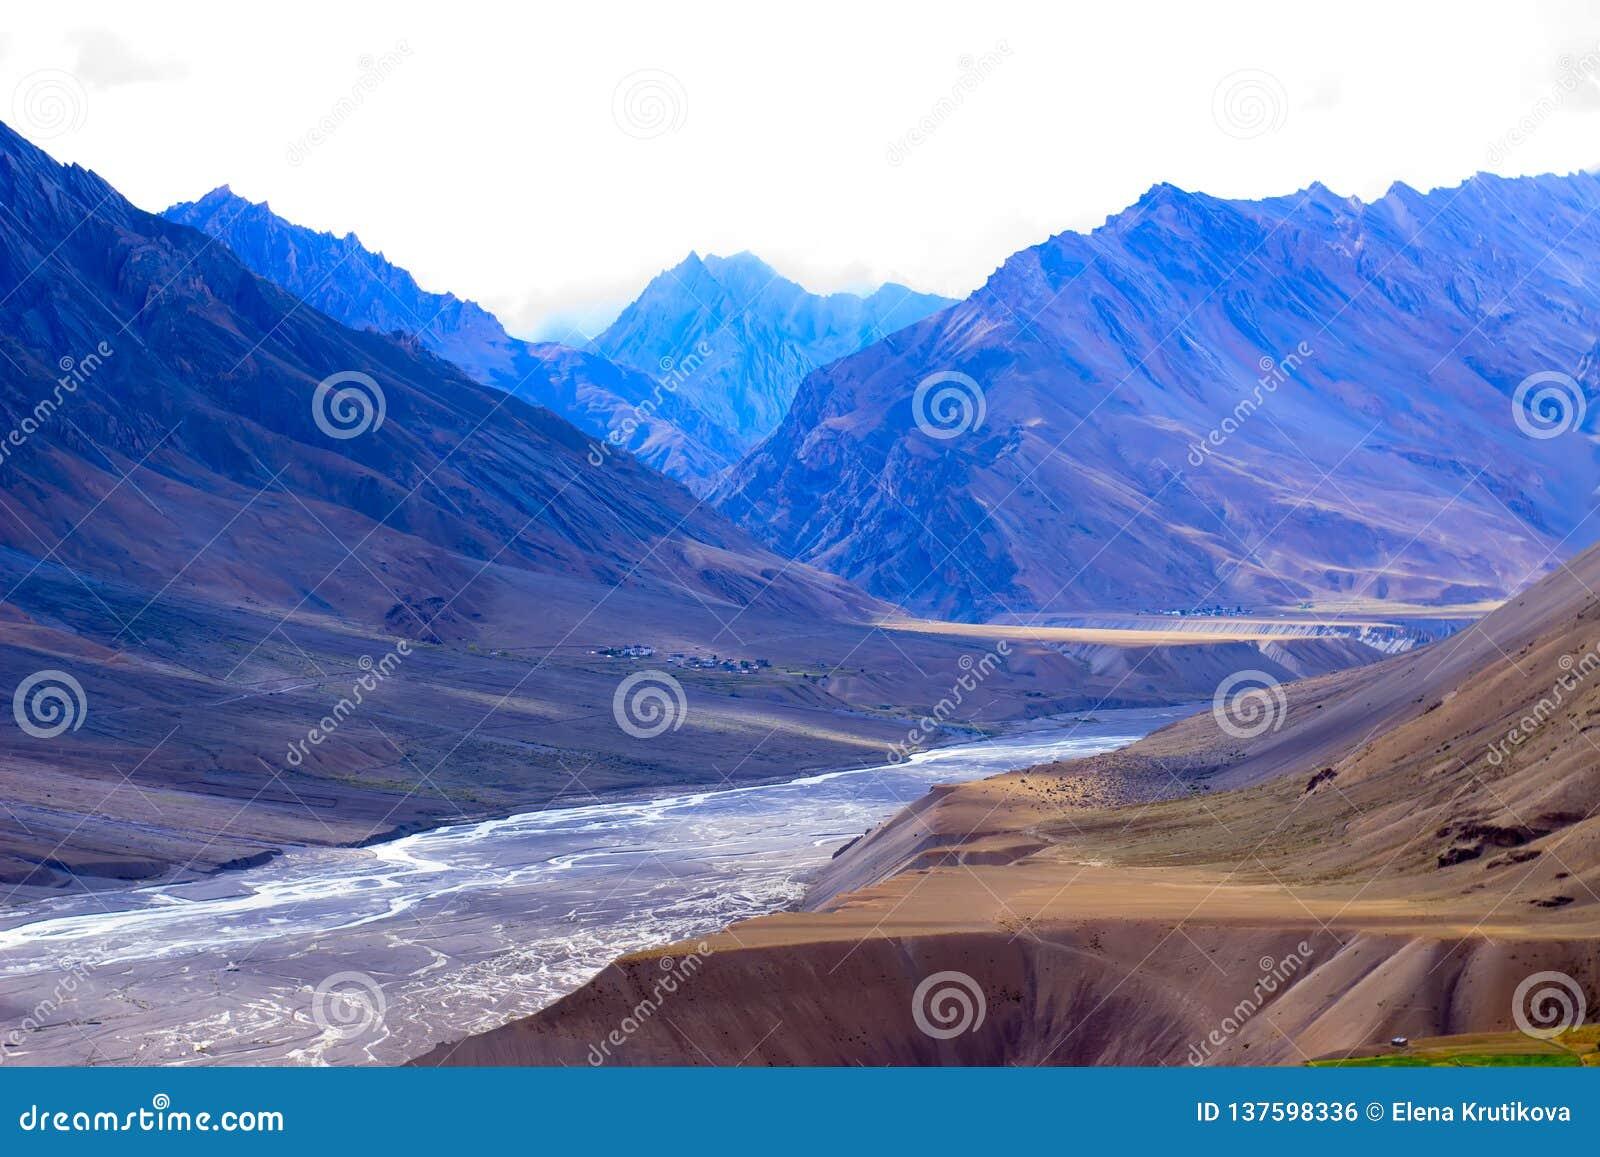 Montañas en Himalaya y el río secado en medio